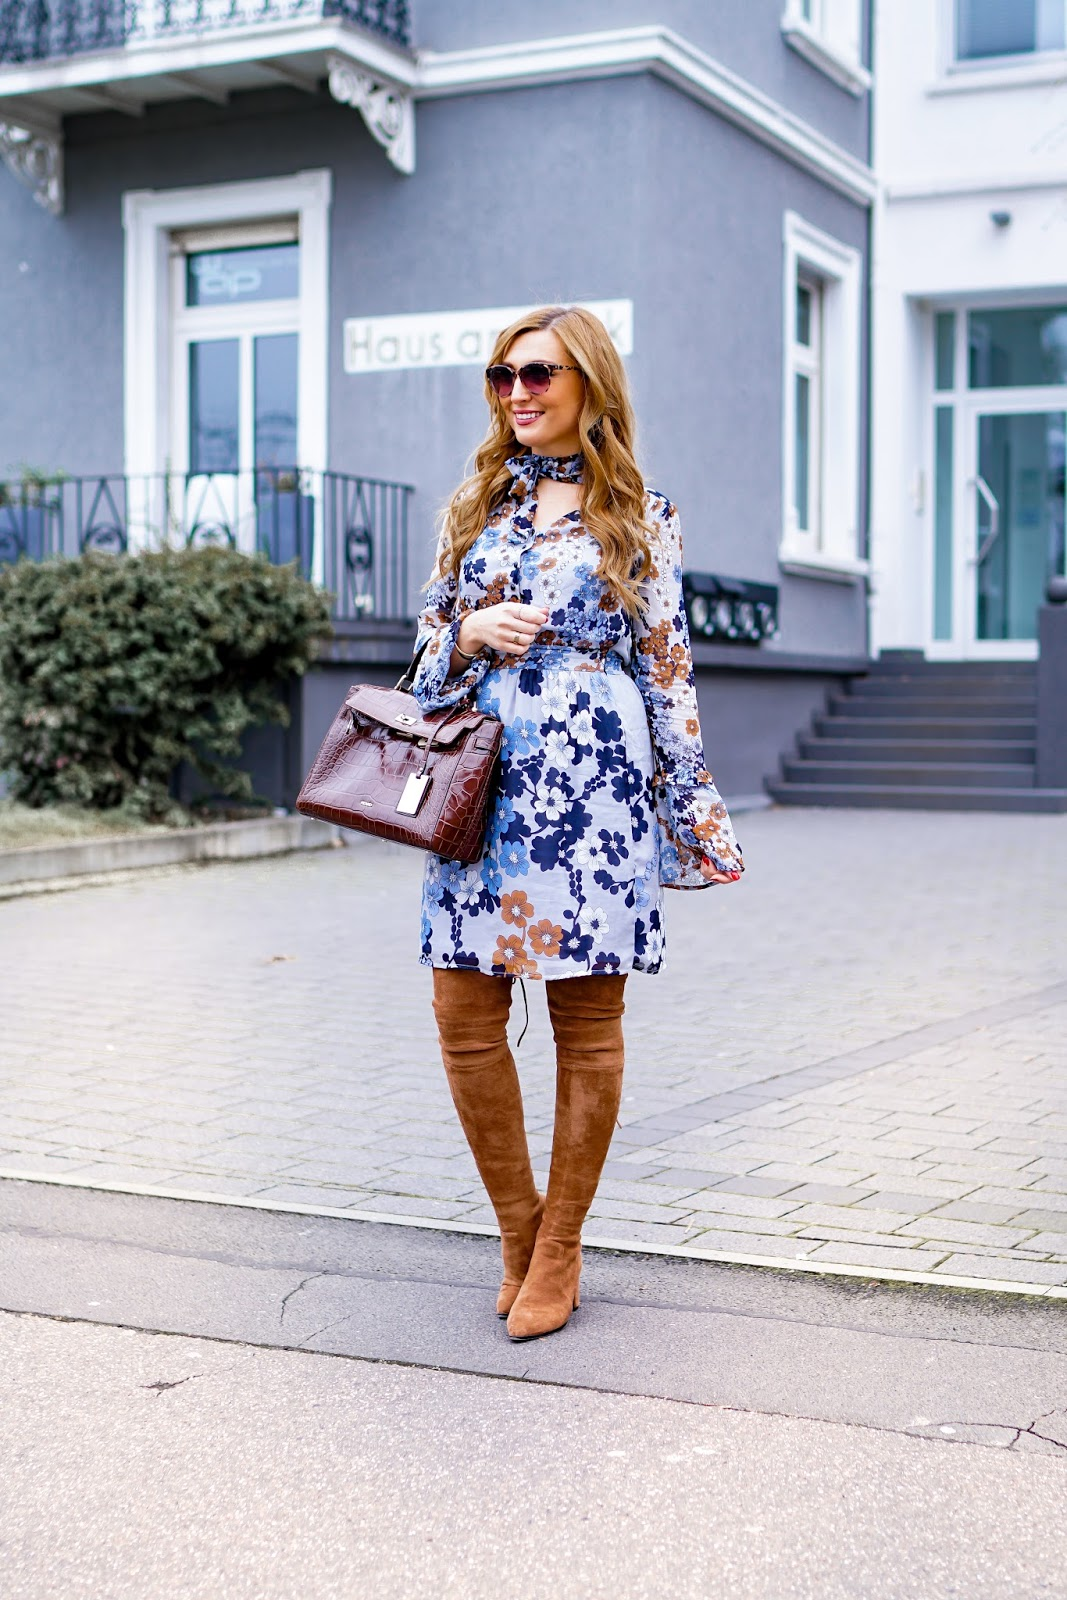 Deutsche-Fashionblogger-blumenprint-kleid-must-have-für-den-frühling-moreandmore-kleid-im-60er-style-picard-tasche-fashionstylebyjohanna